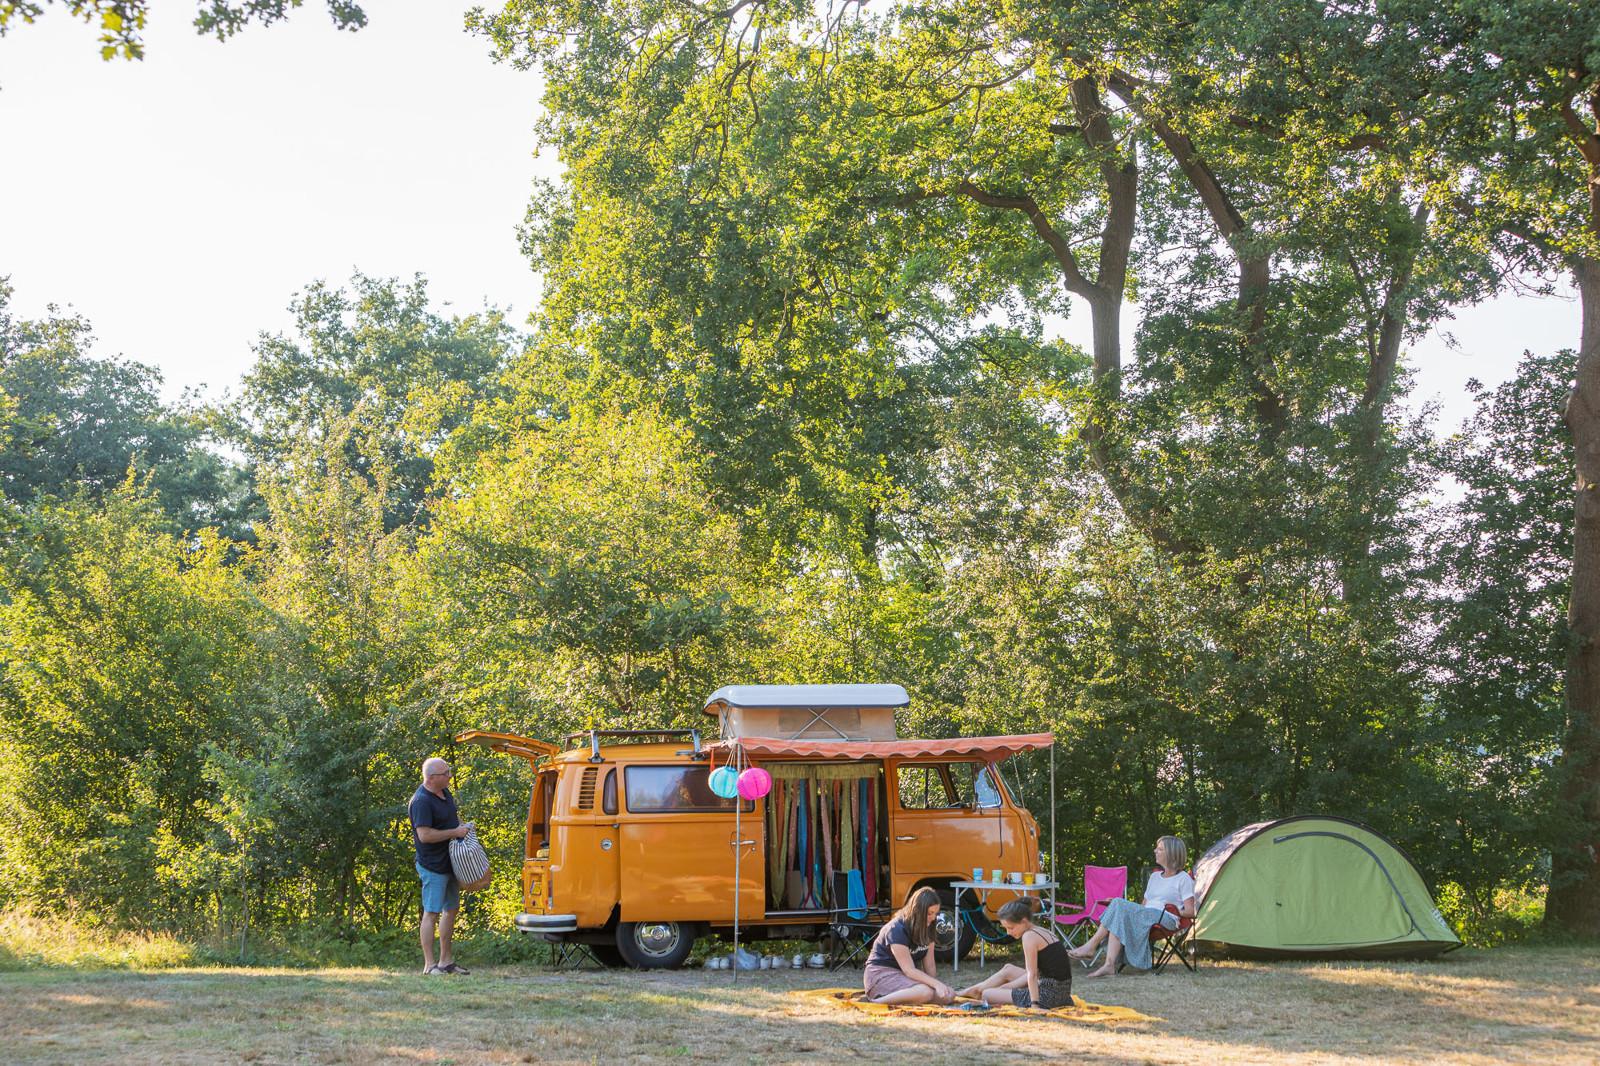 Emplacement - Emplacement : Tente + Électricité (Pas D'accès Voiture) - Village Huttopia Dieulefit